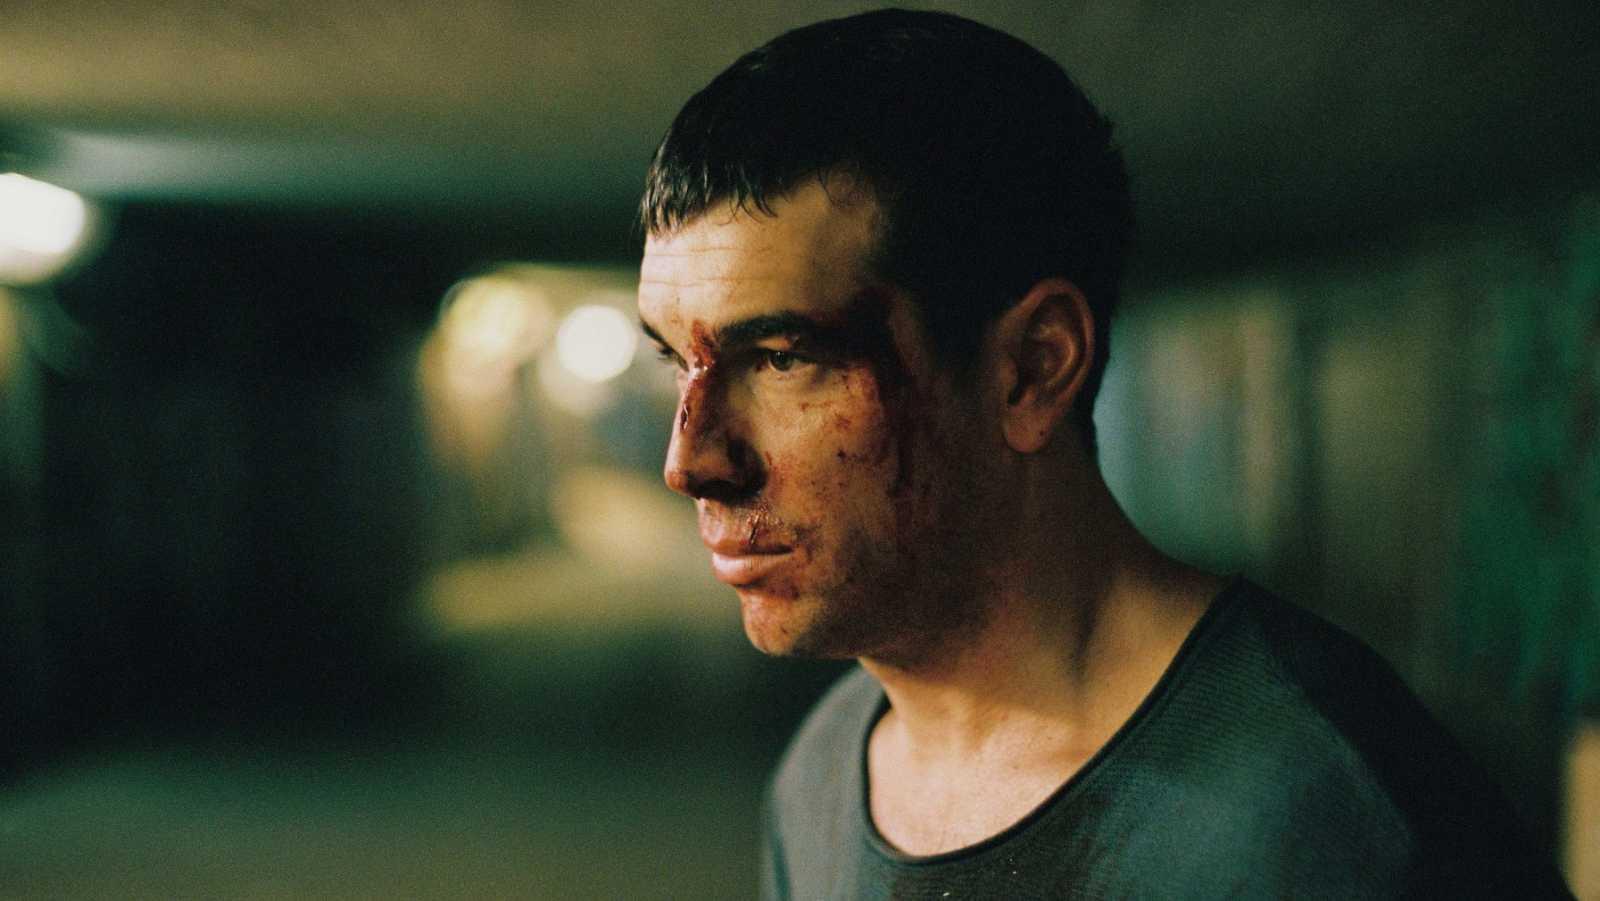 Mario Casas en una escena de la película No Matarás de David Victori.